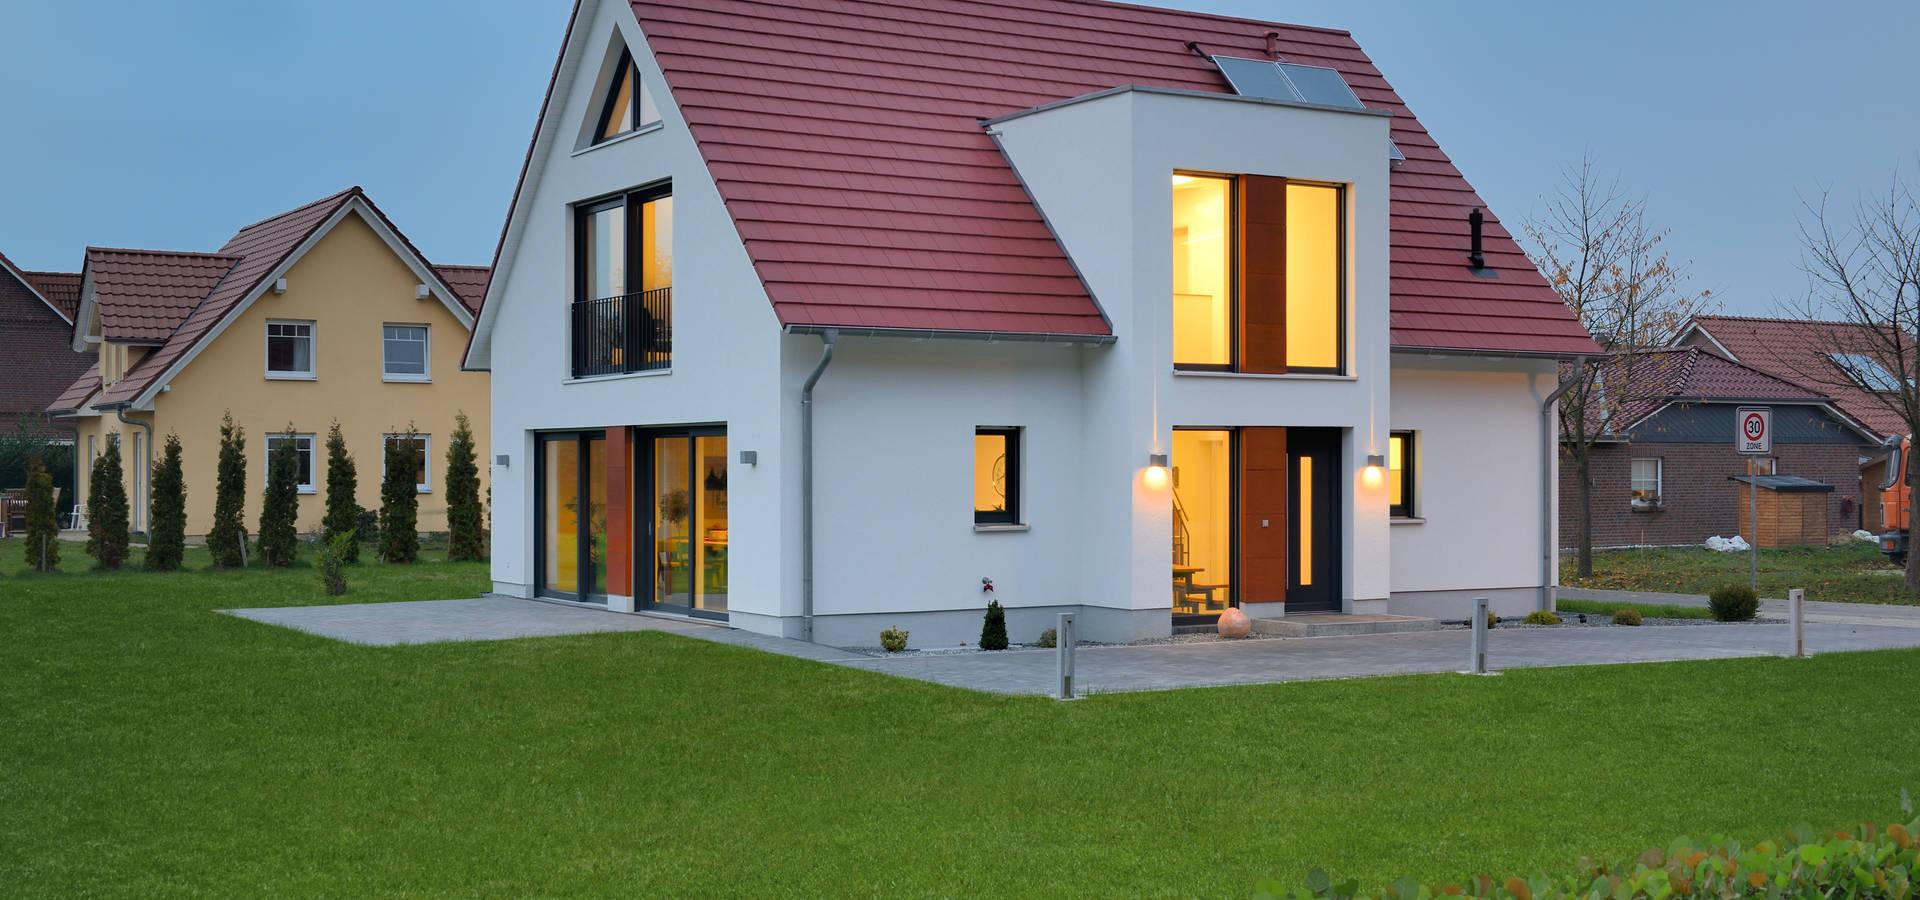 bungalow individualplanung by heinz von heiden gmbh massivh user homify. Black Bedroom Furniture Sets. Home Design Ideas